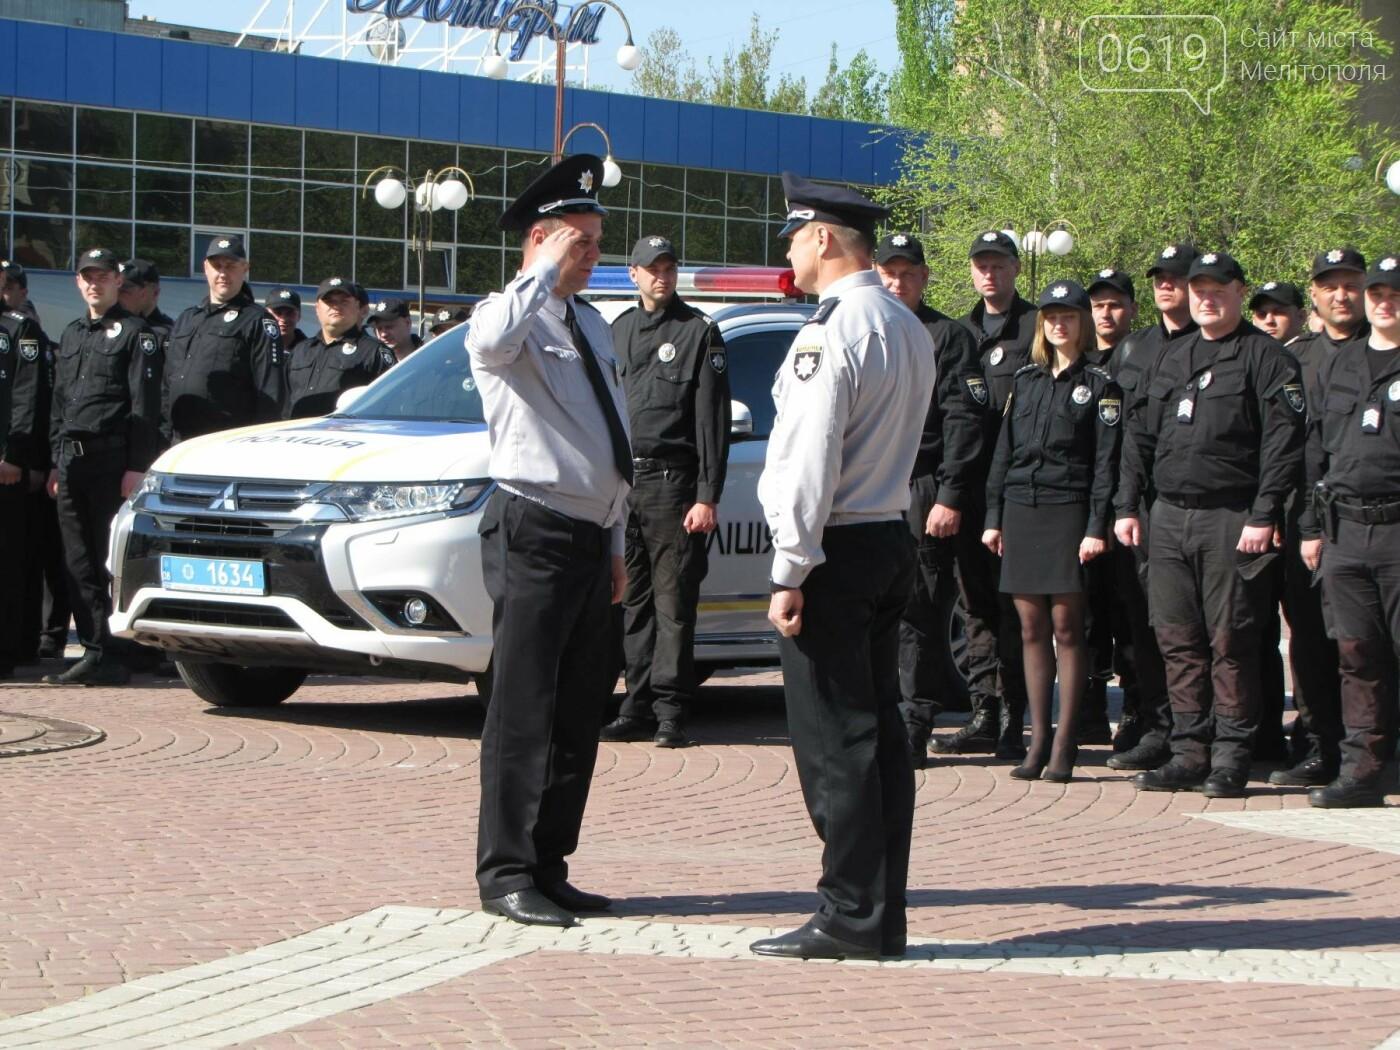 Мелитопольской полиции торжественно вручили новые служебные автомобили, фото-12